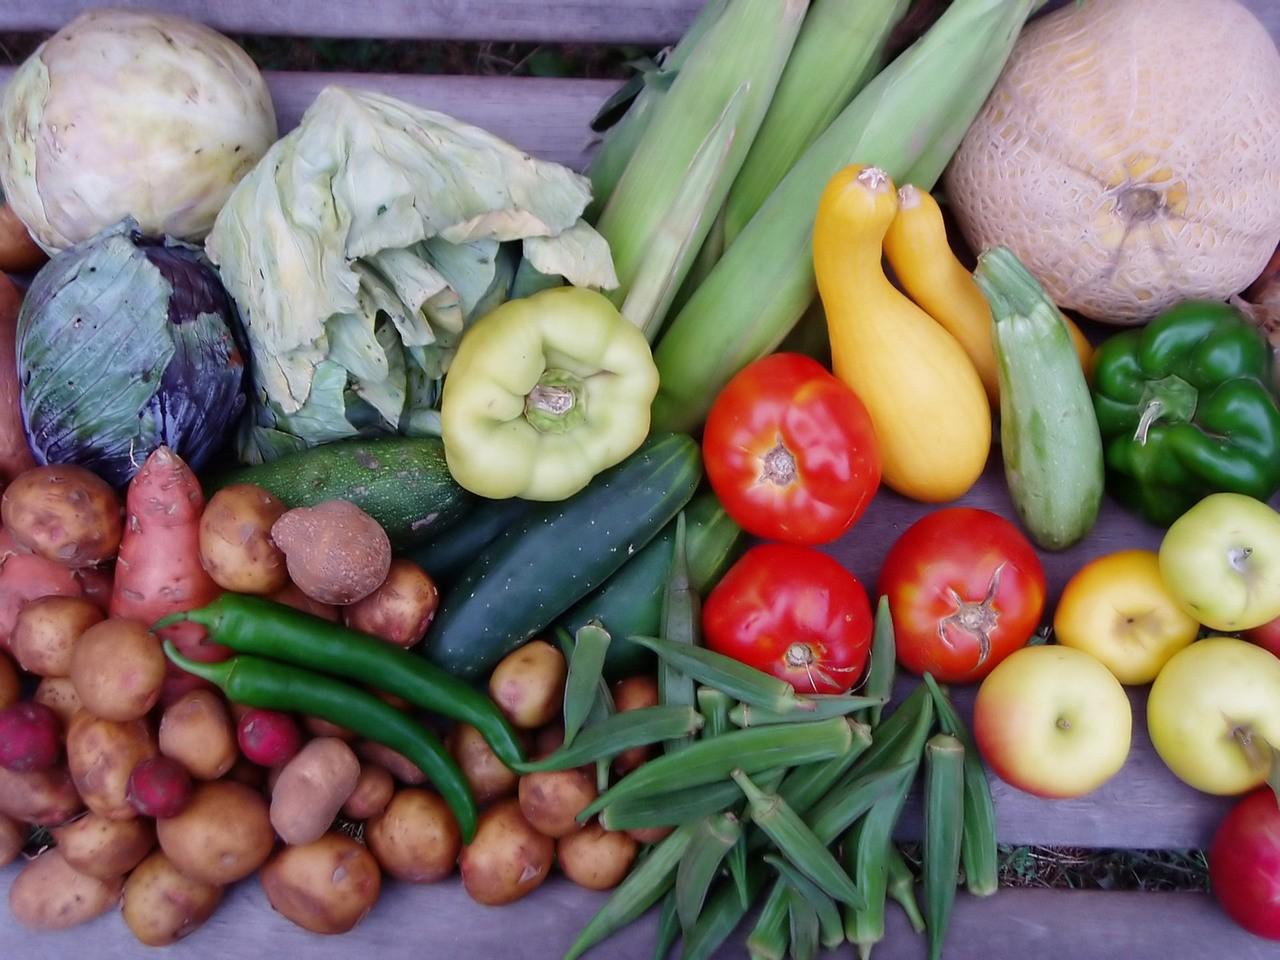 Jak odżywiać się w przypadku dolegliwości wątrobowych?